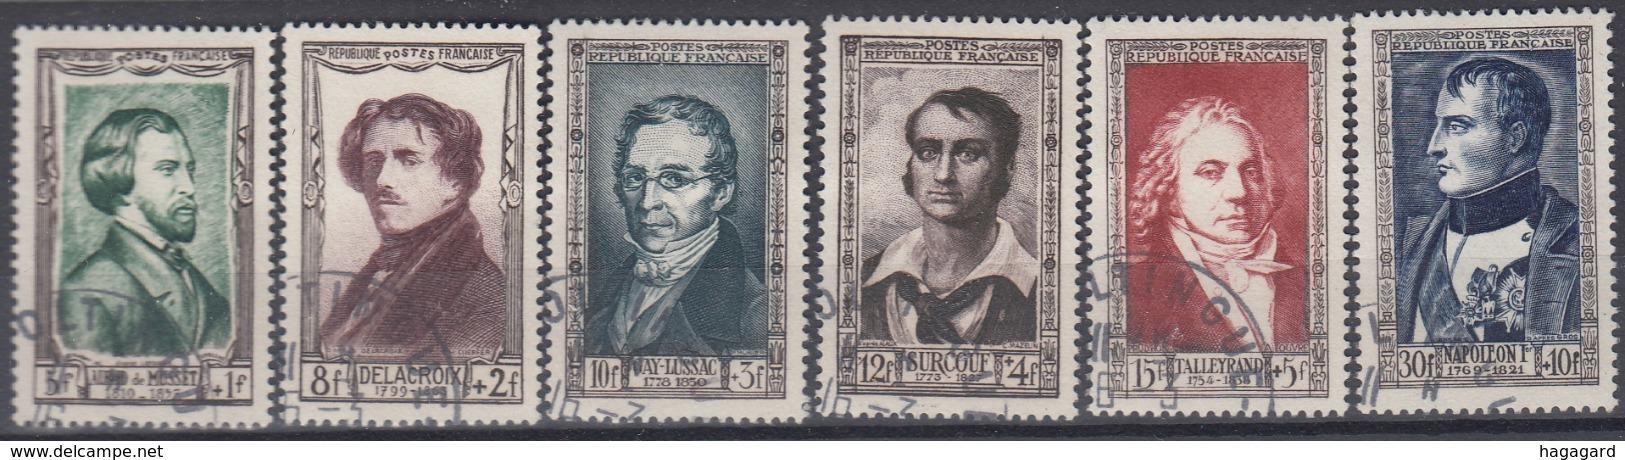 +B1602. France 1951. Célébrités. Yvert 891-96. Cancelled - France